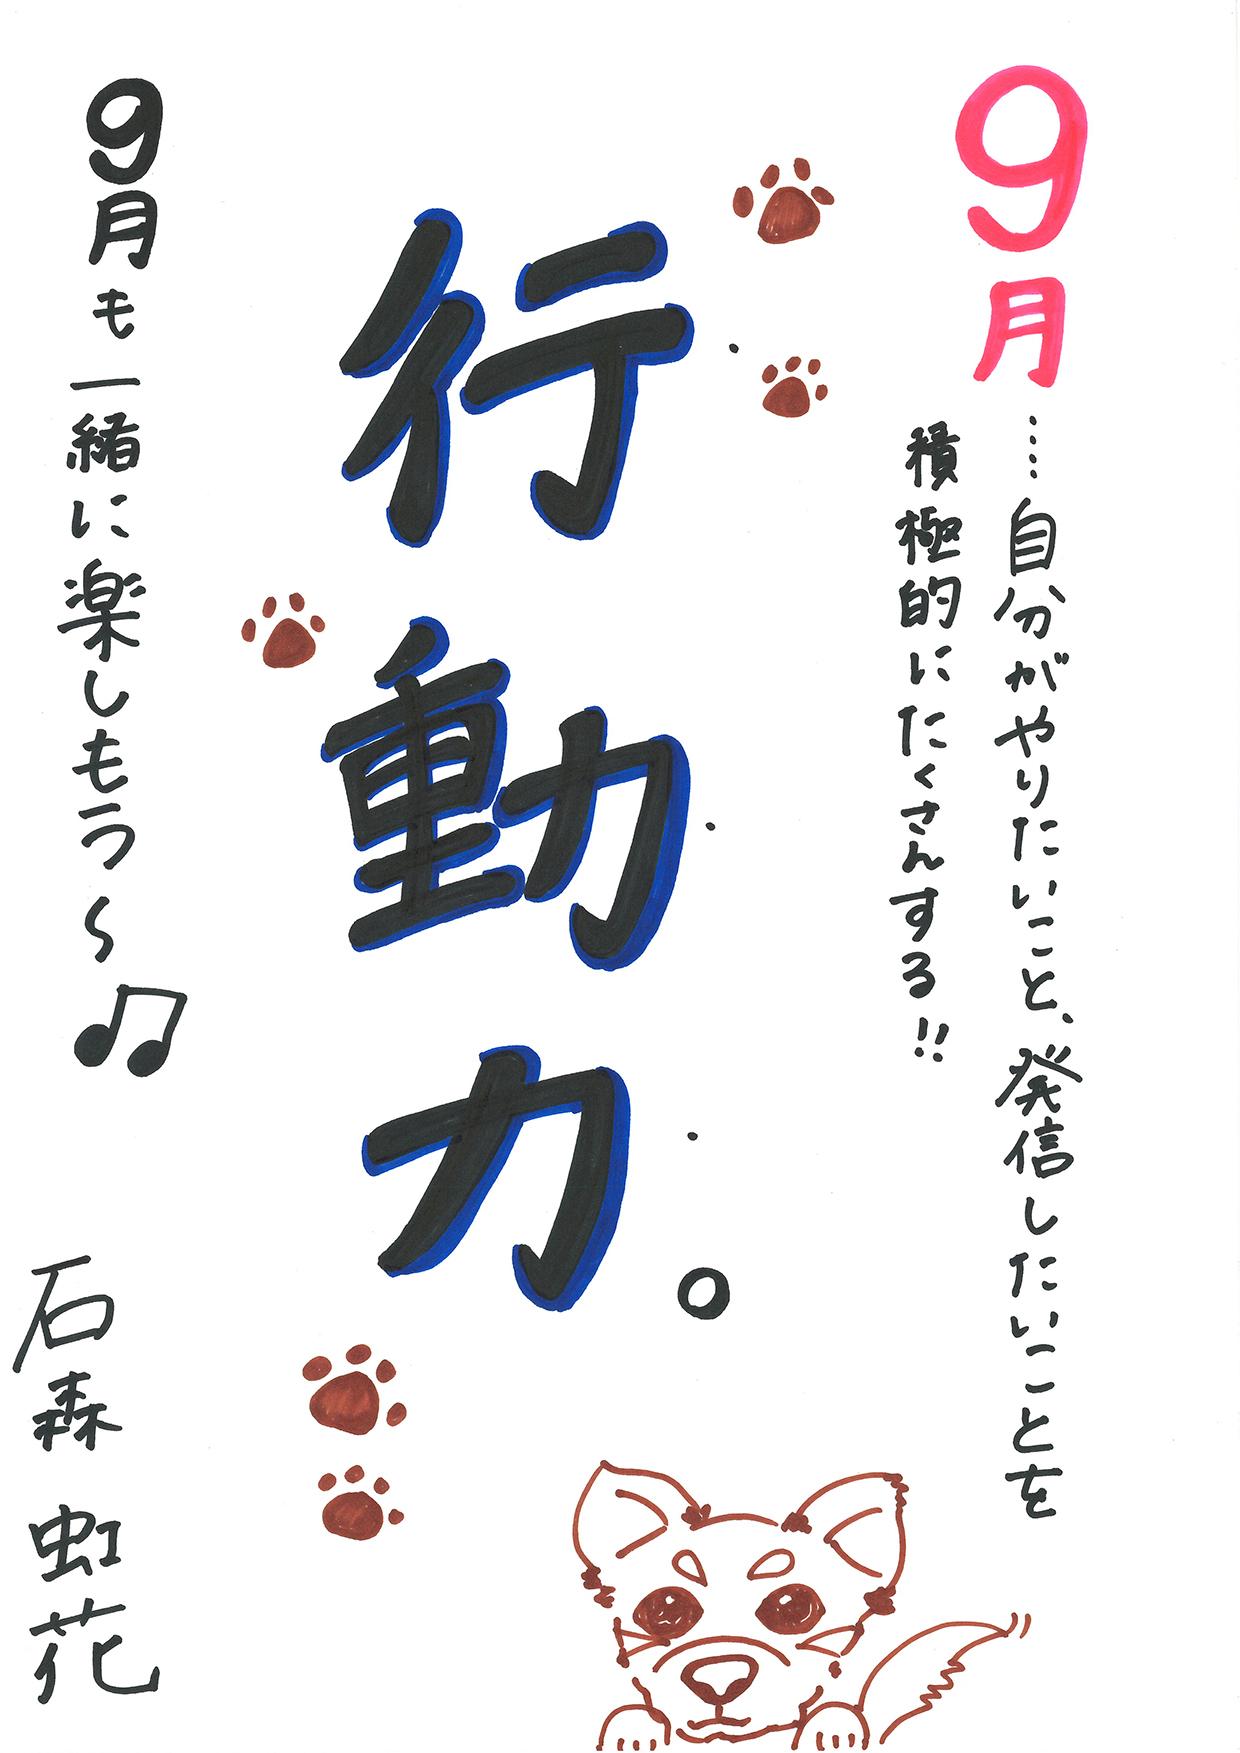 【欅坂46】石森虹花応援スレ★13【にじか】 YouTube動画>19本 ->画像>245枚